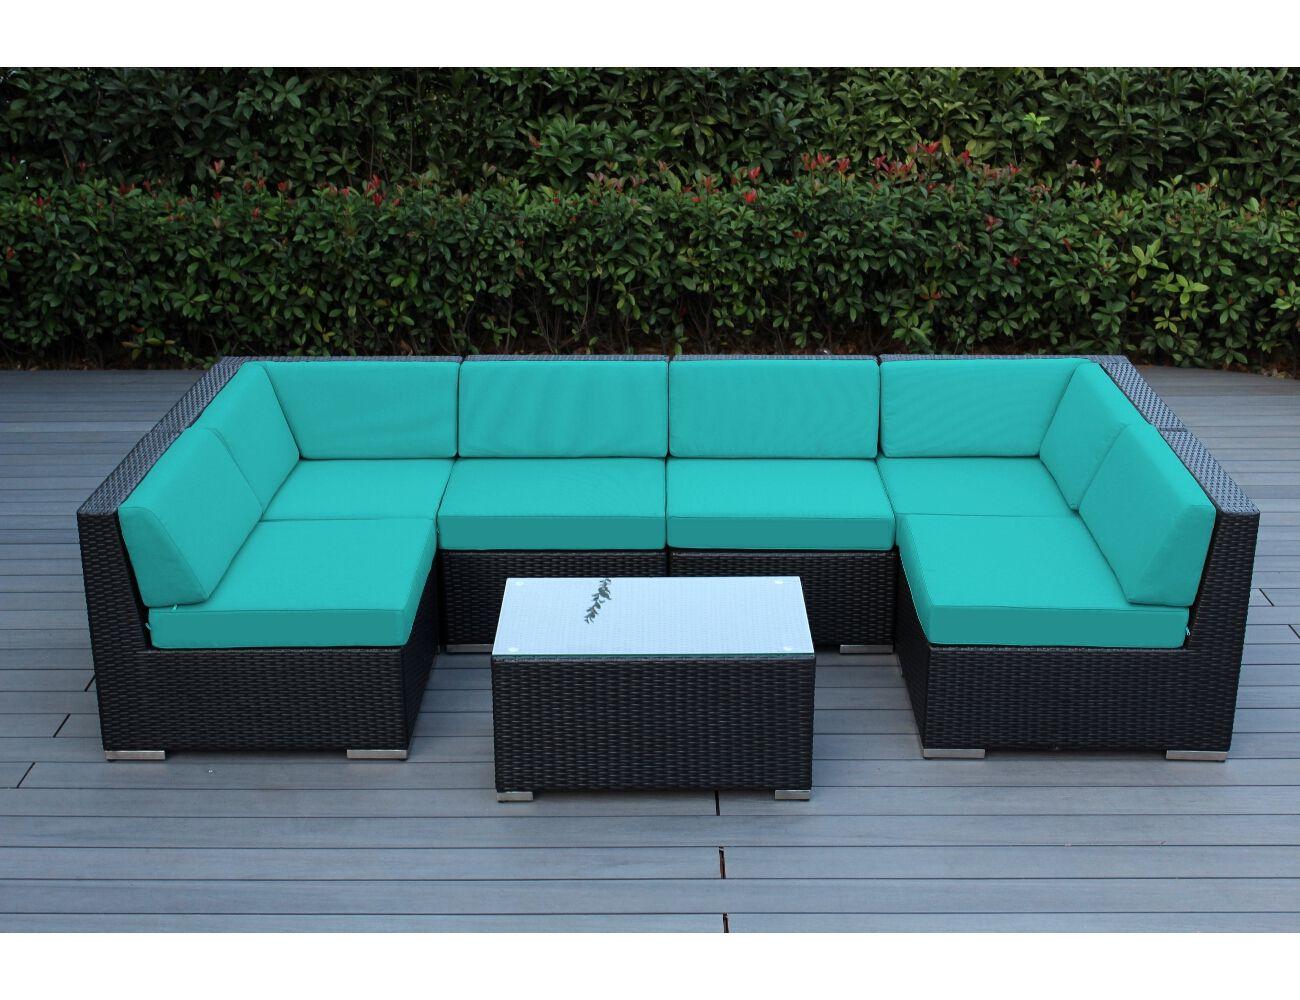 Colorful wicker patio furniture - Sunbrella Aruba With Black Wicker Ohana Wicker Furniture Outdoor Patio Furniture Sets